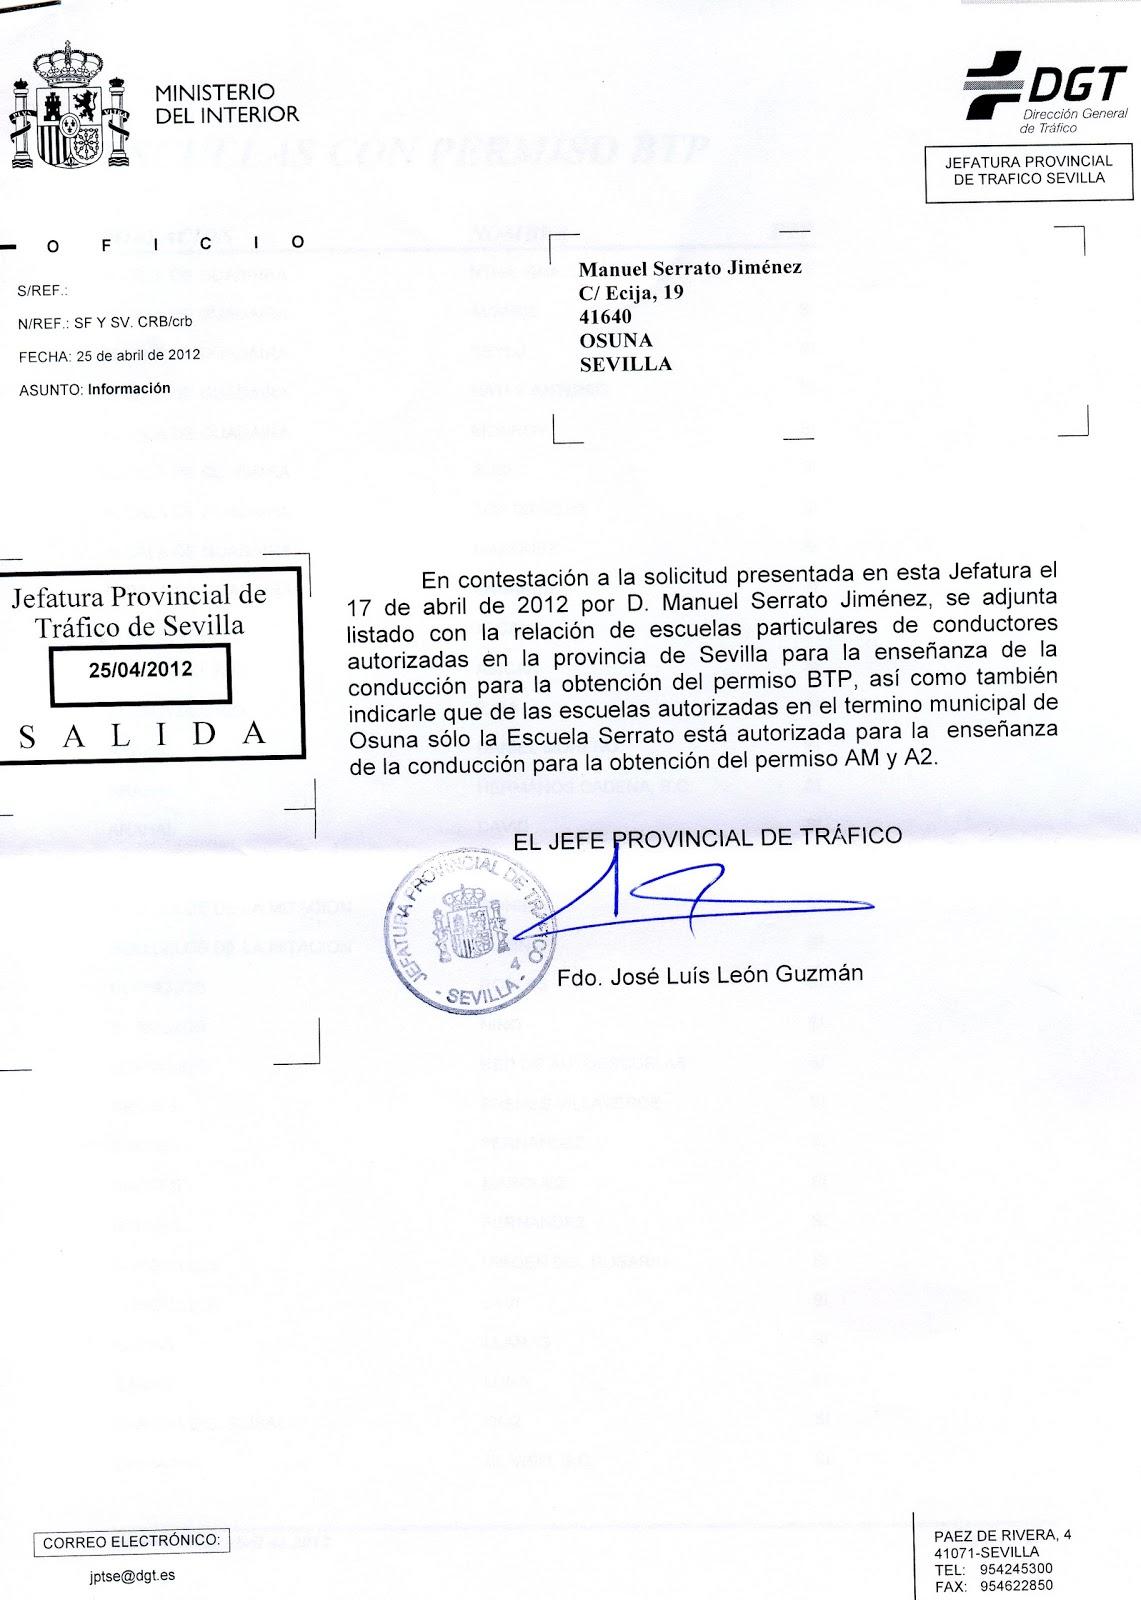 Autoescuela serrato nica autoescuela autorizada para la - Jefatura provincial de trafico de santander ...